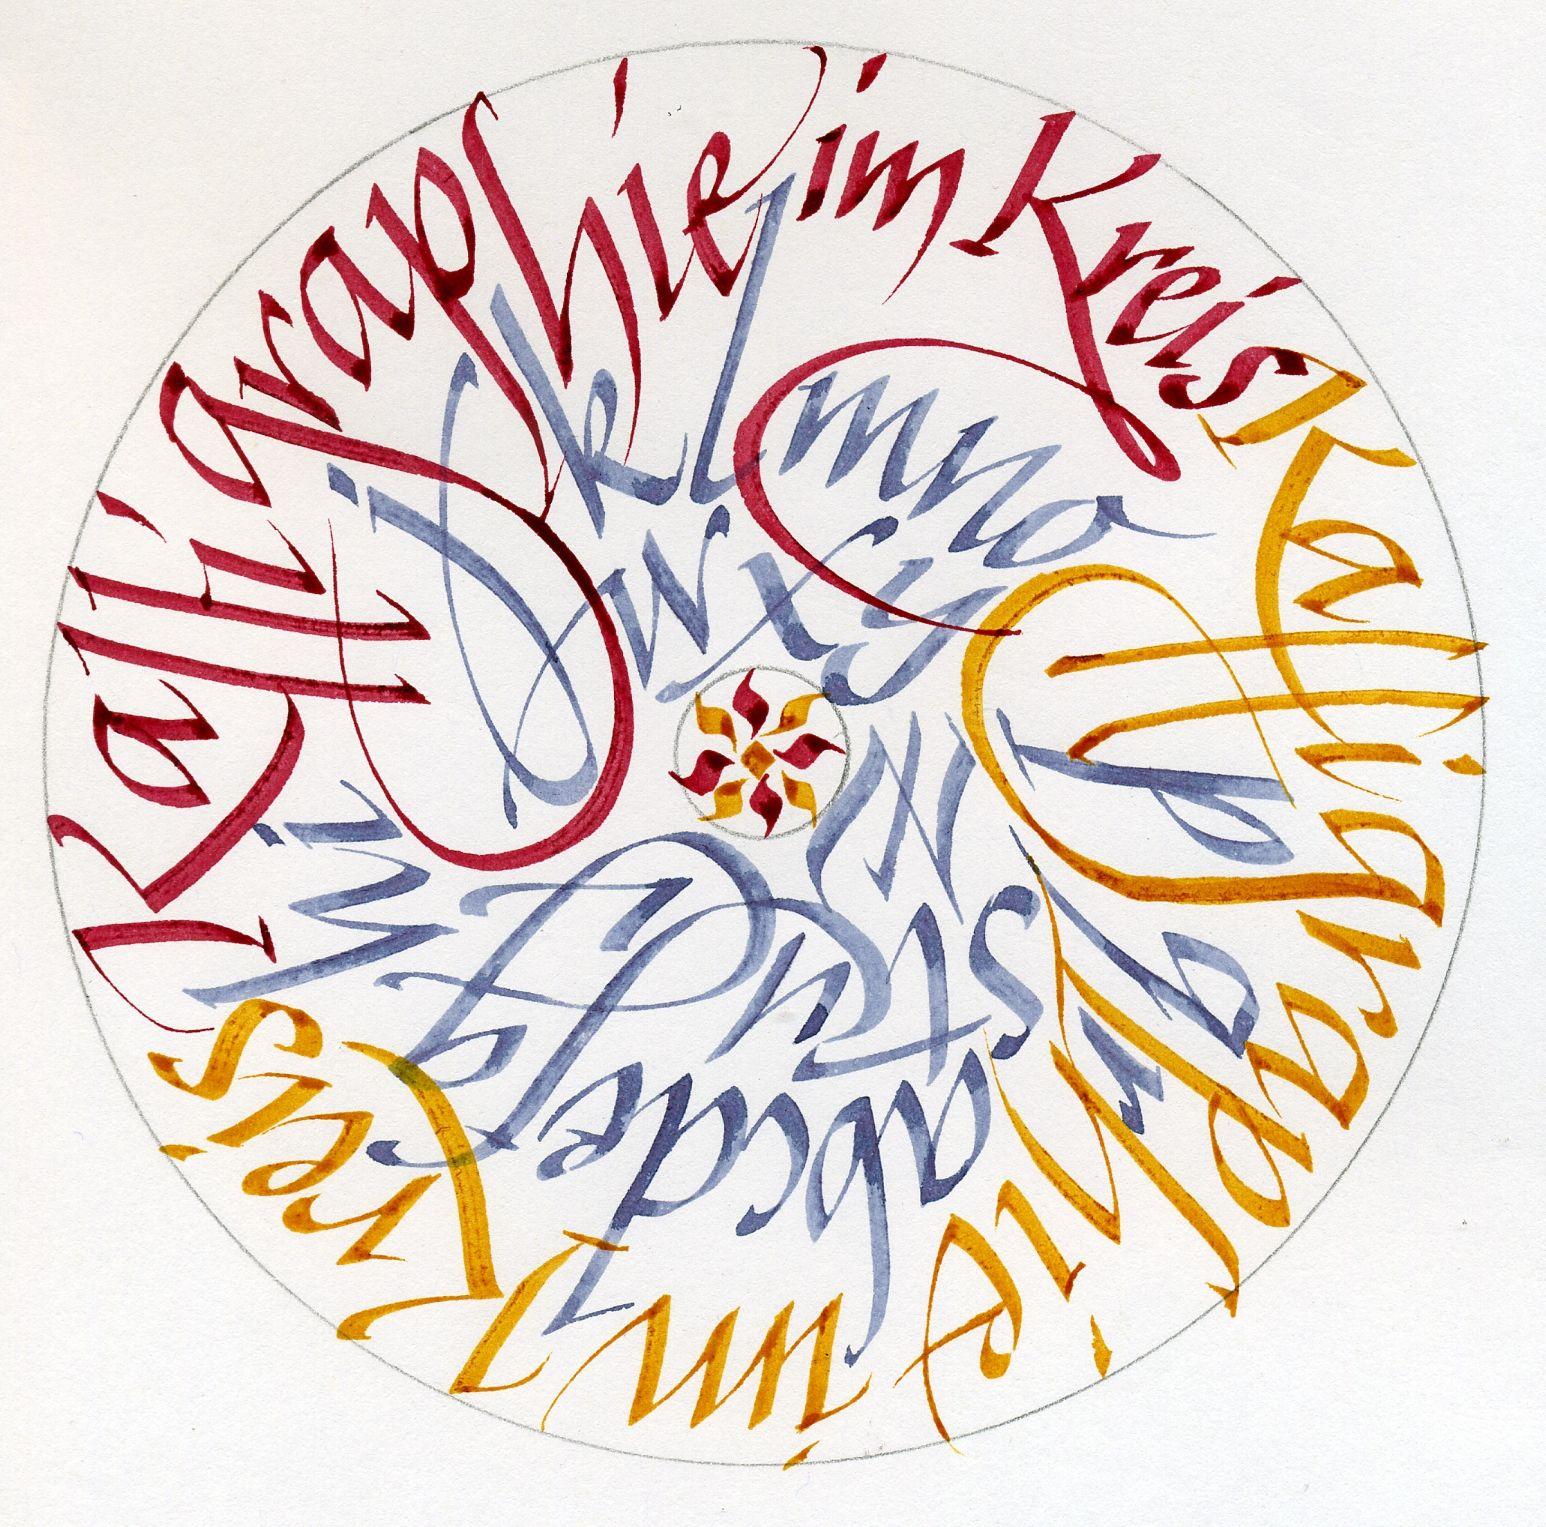 von schrift art roland stieger Lettering Arts